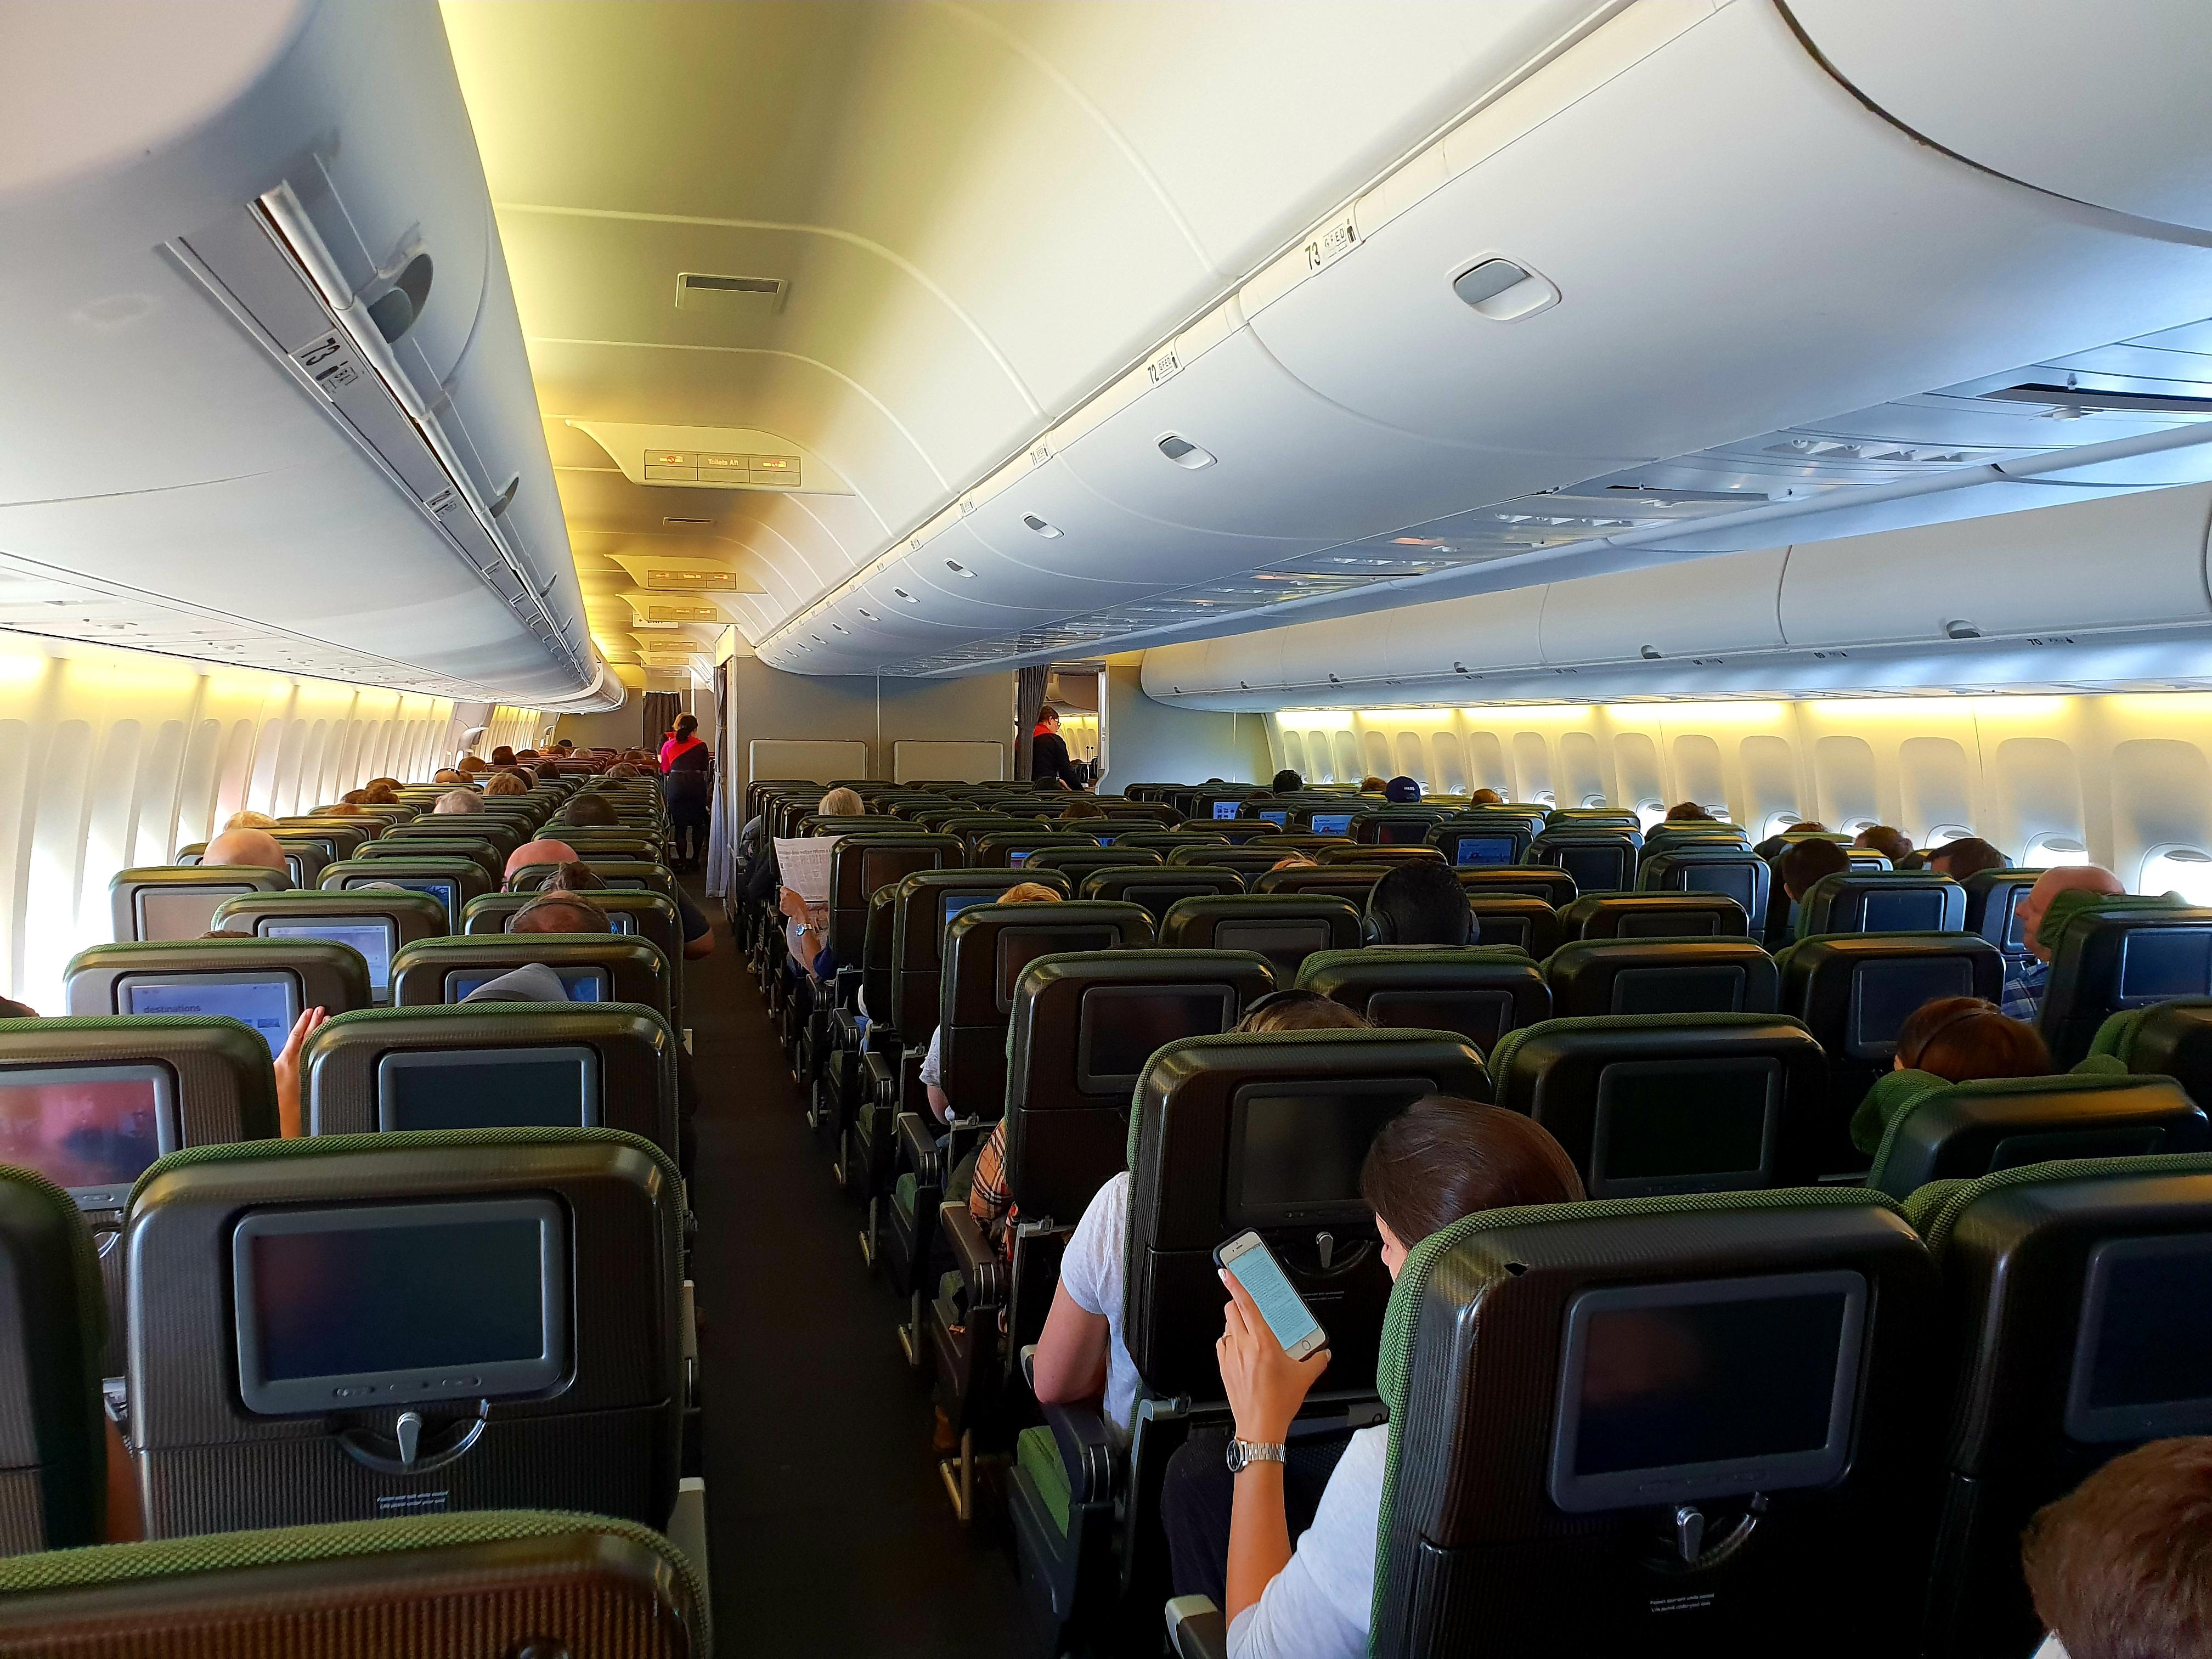 Inside Boing 747